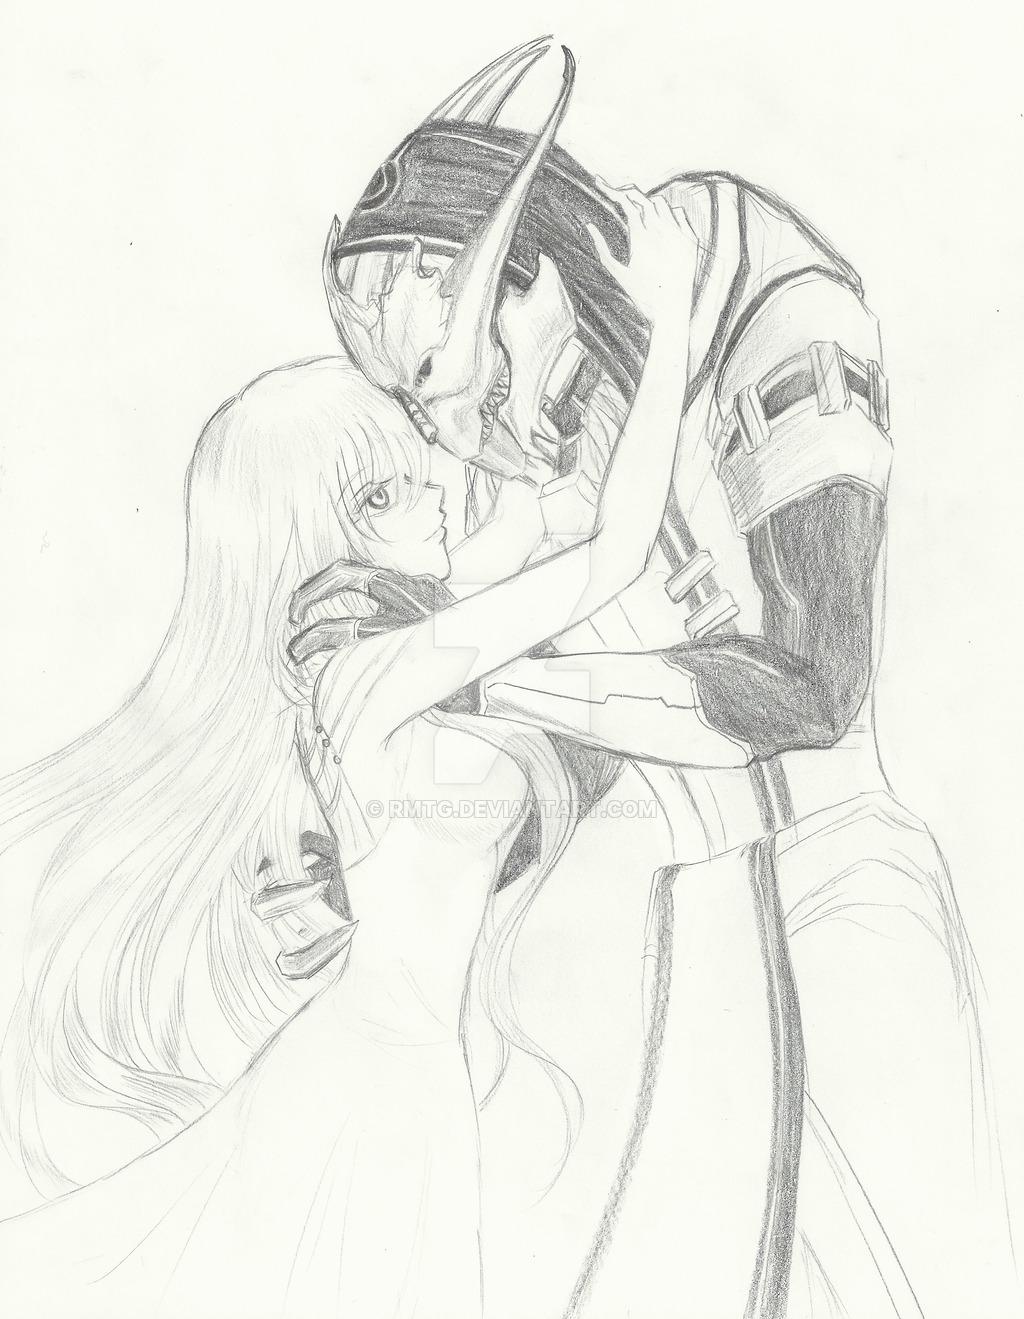 1024x1319 Mass Effect] Saren And Jeanne Shepard Reunion By Rmtg